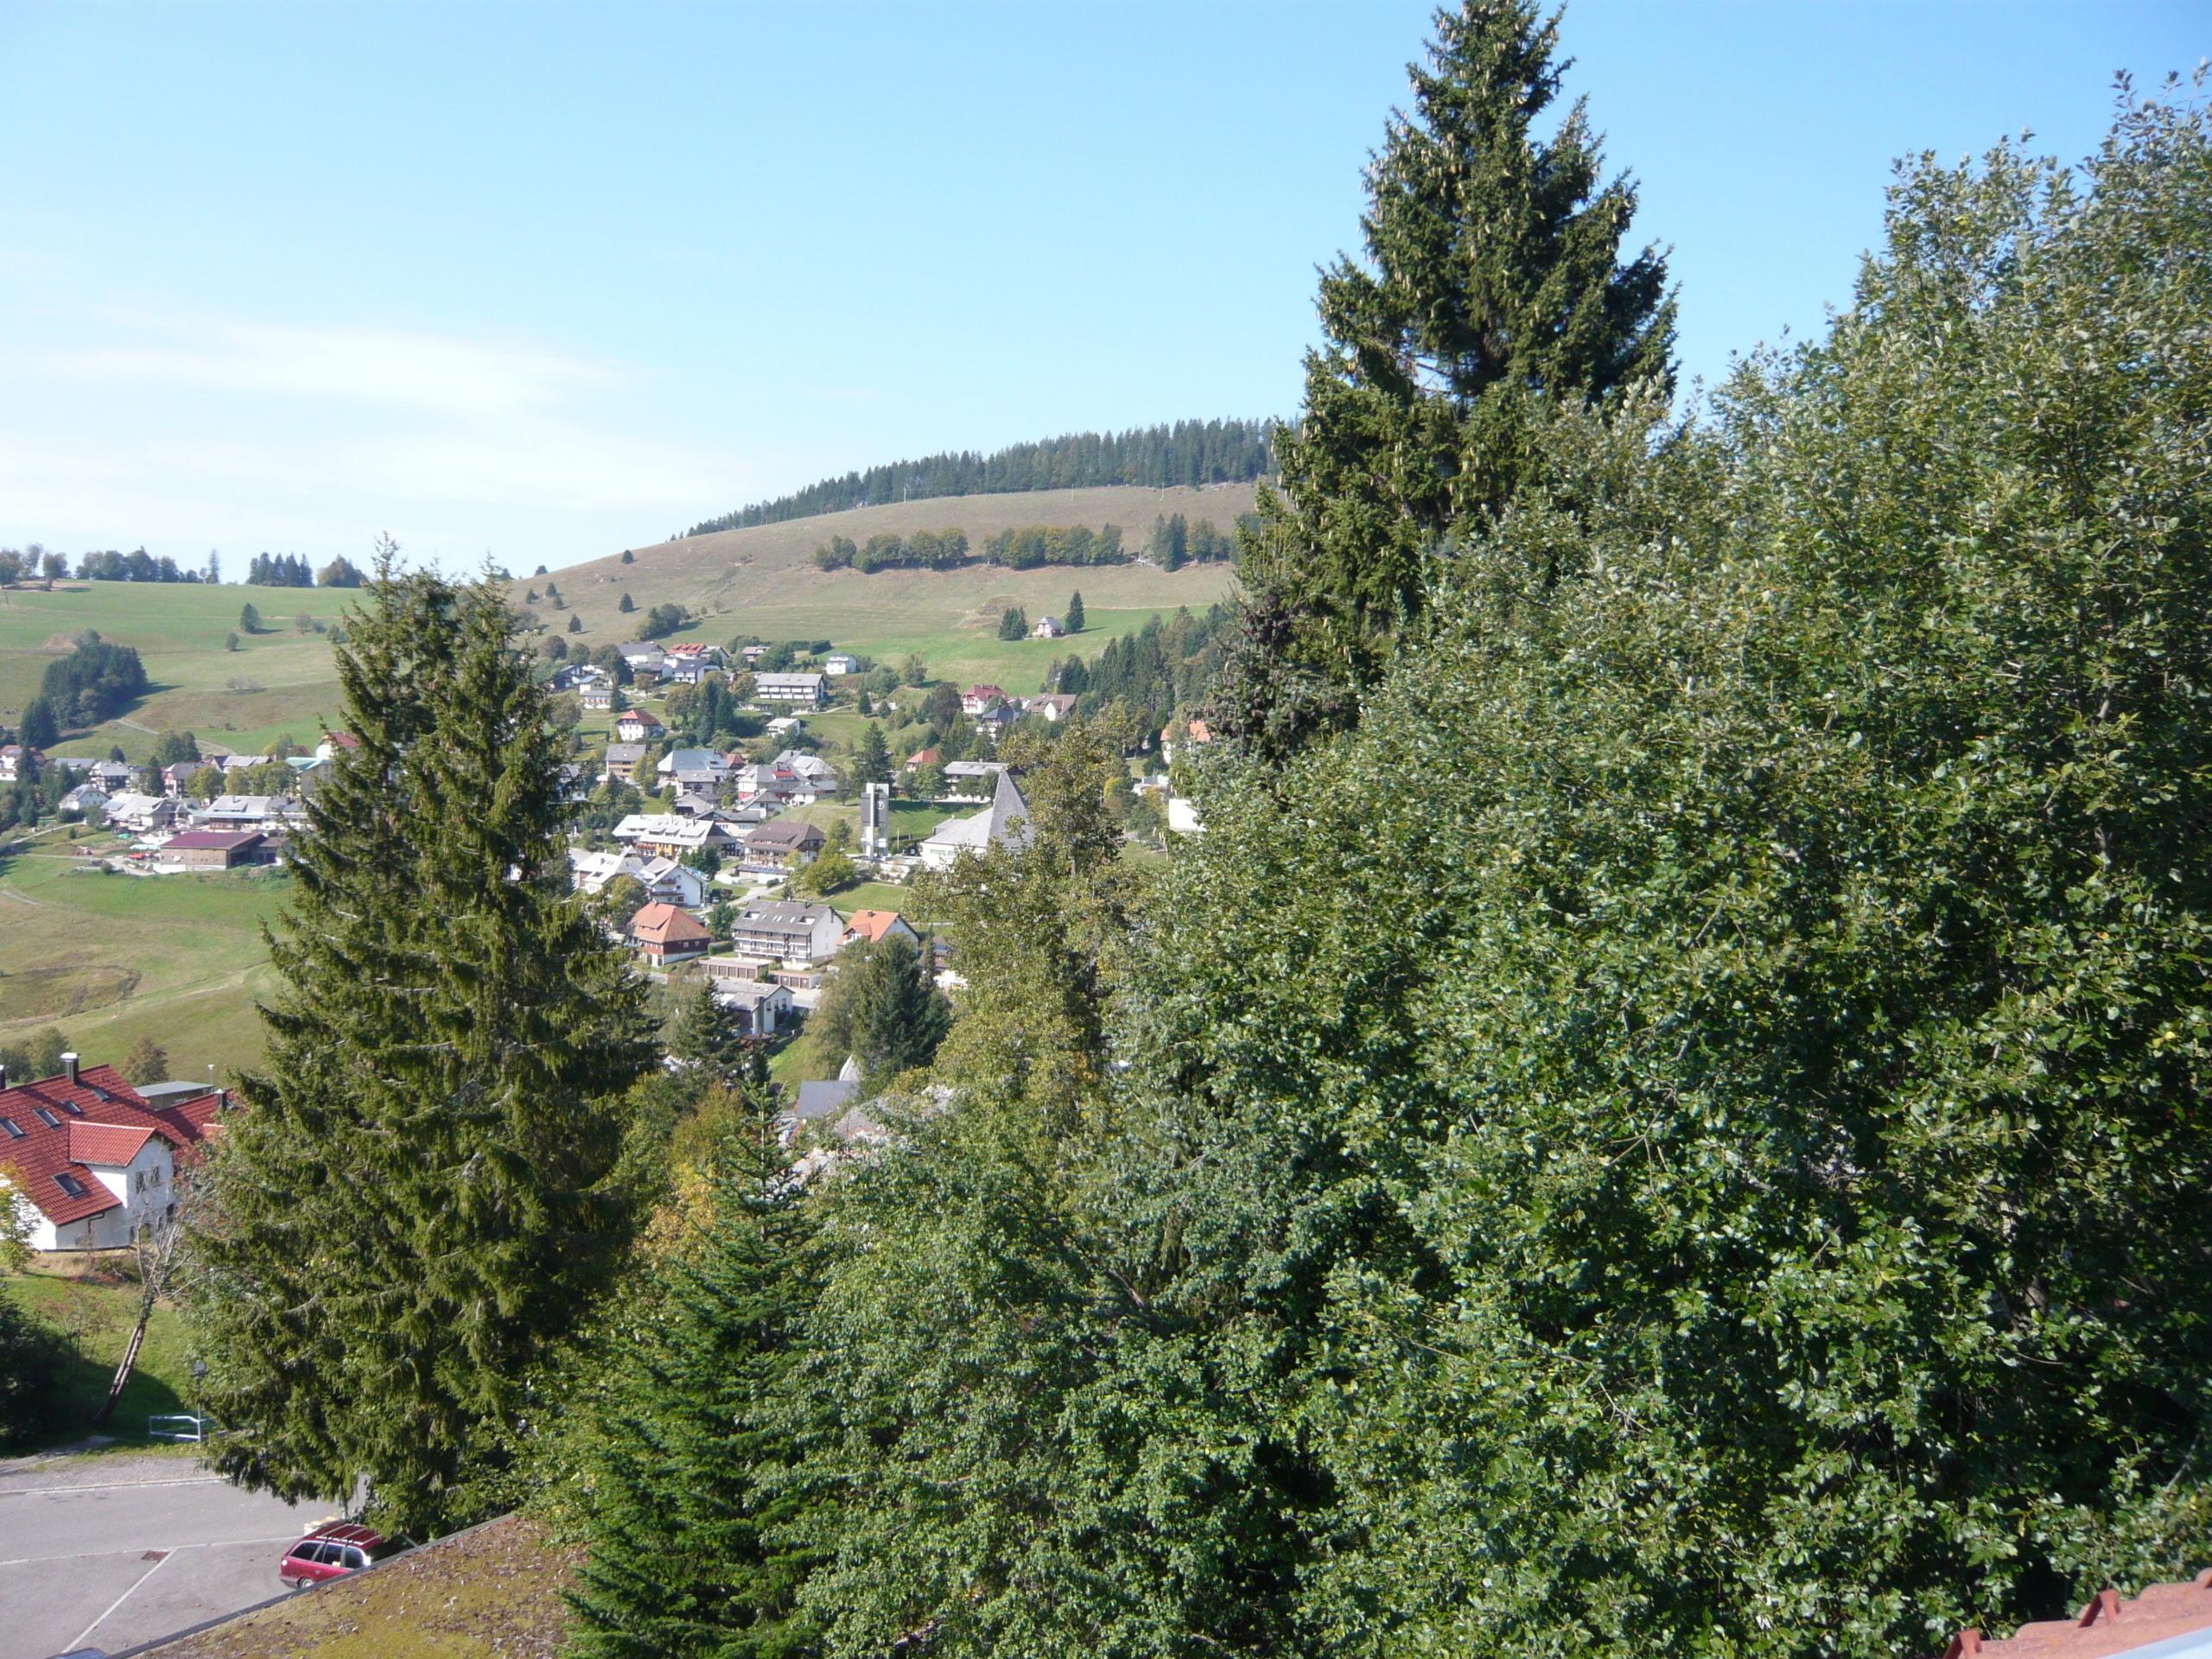 Ferienwohnung Fewo 20 - Residenz Schauinsland- mit SchwimmbadTodtnauberg bei Feldberg (2641795), Todtnau, Schwarzwald, Baden-Württemberg, Deutschland, Bild 9